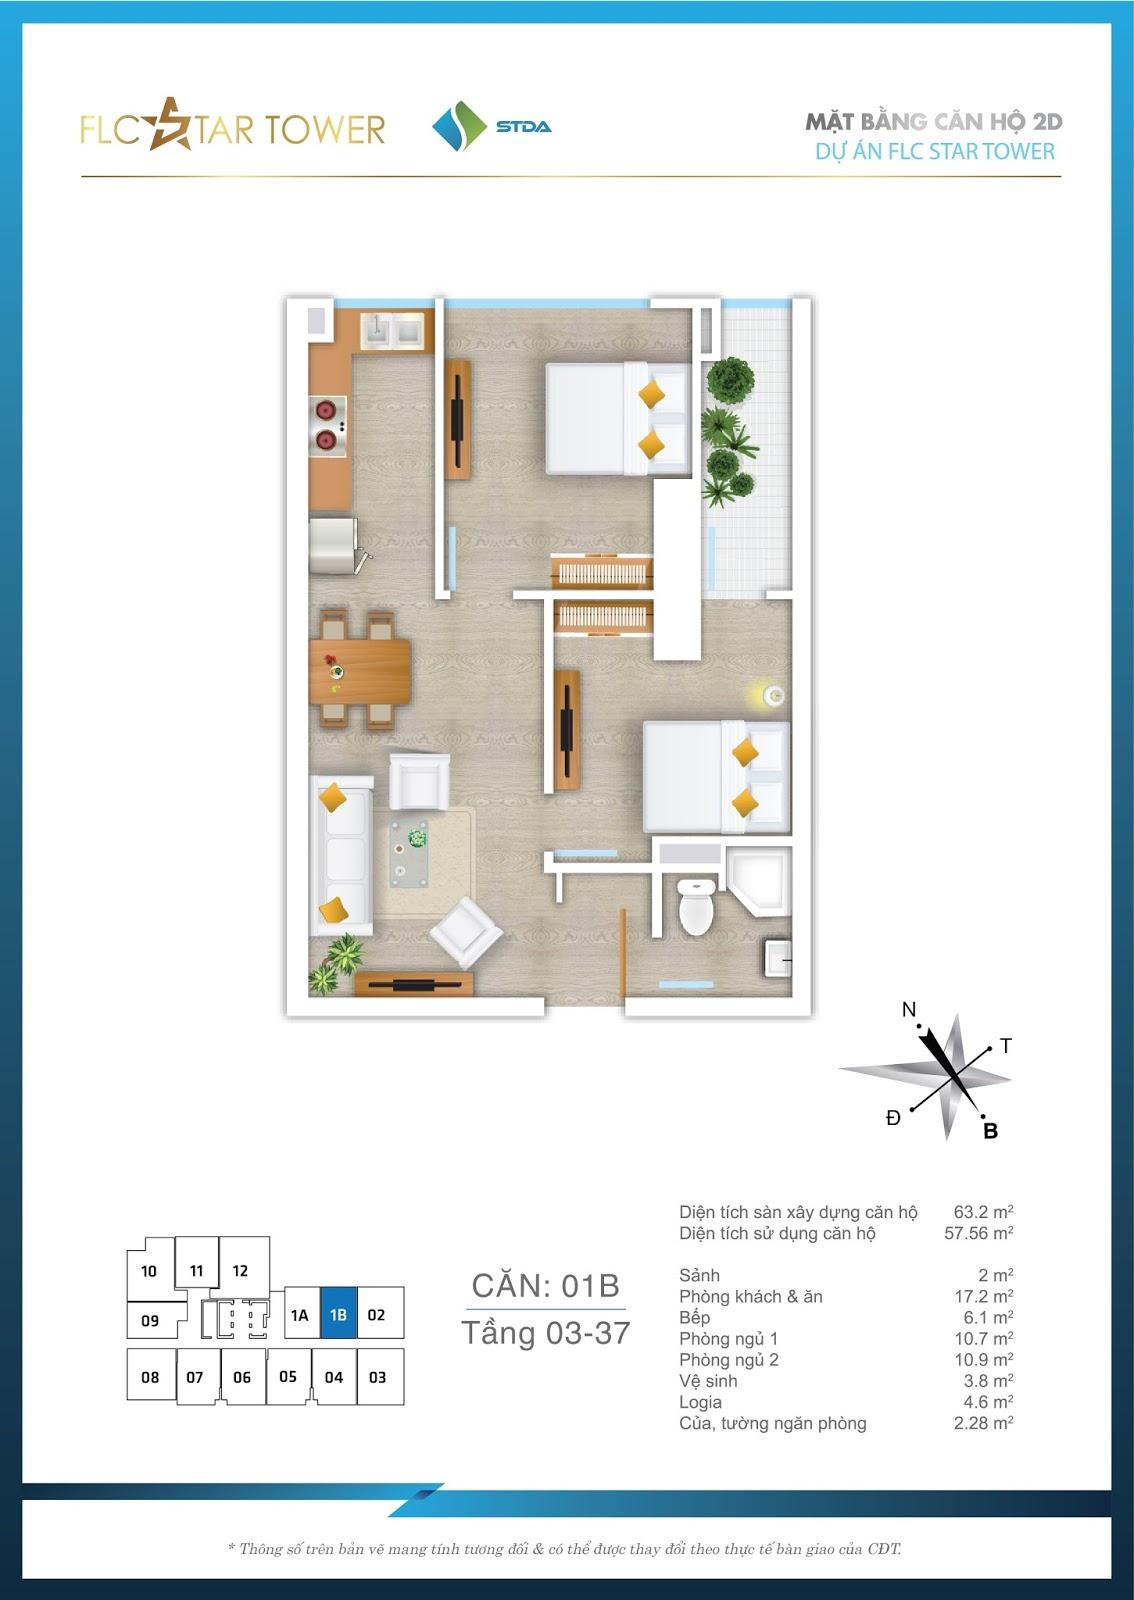 Thiết kế căn hộ 1B - Chung cư FLC Star Tower Hà Đông